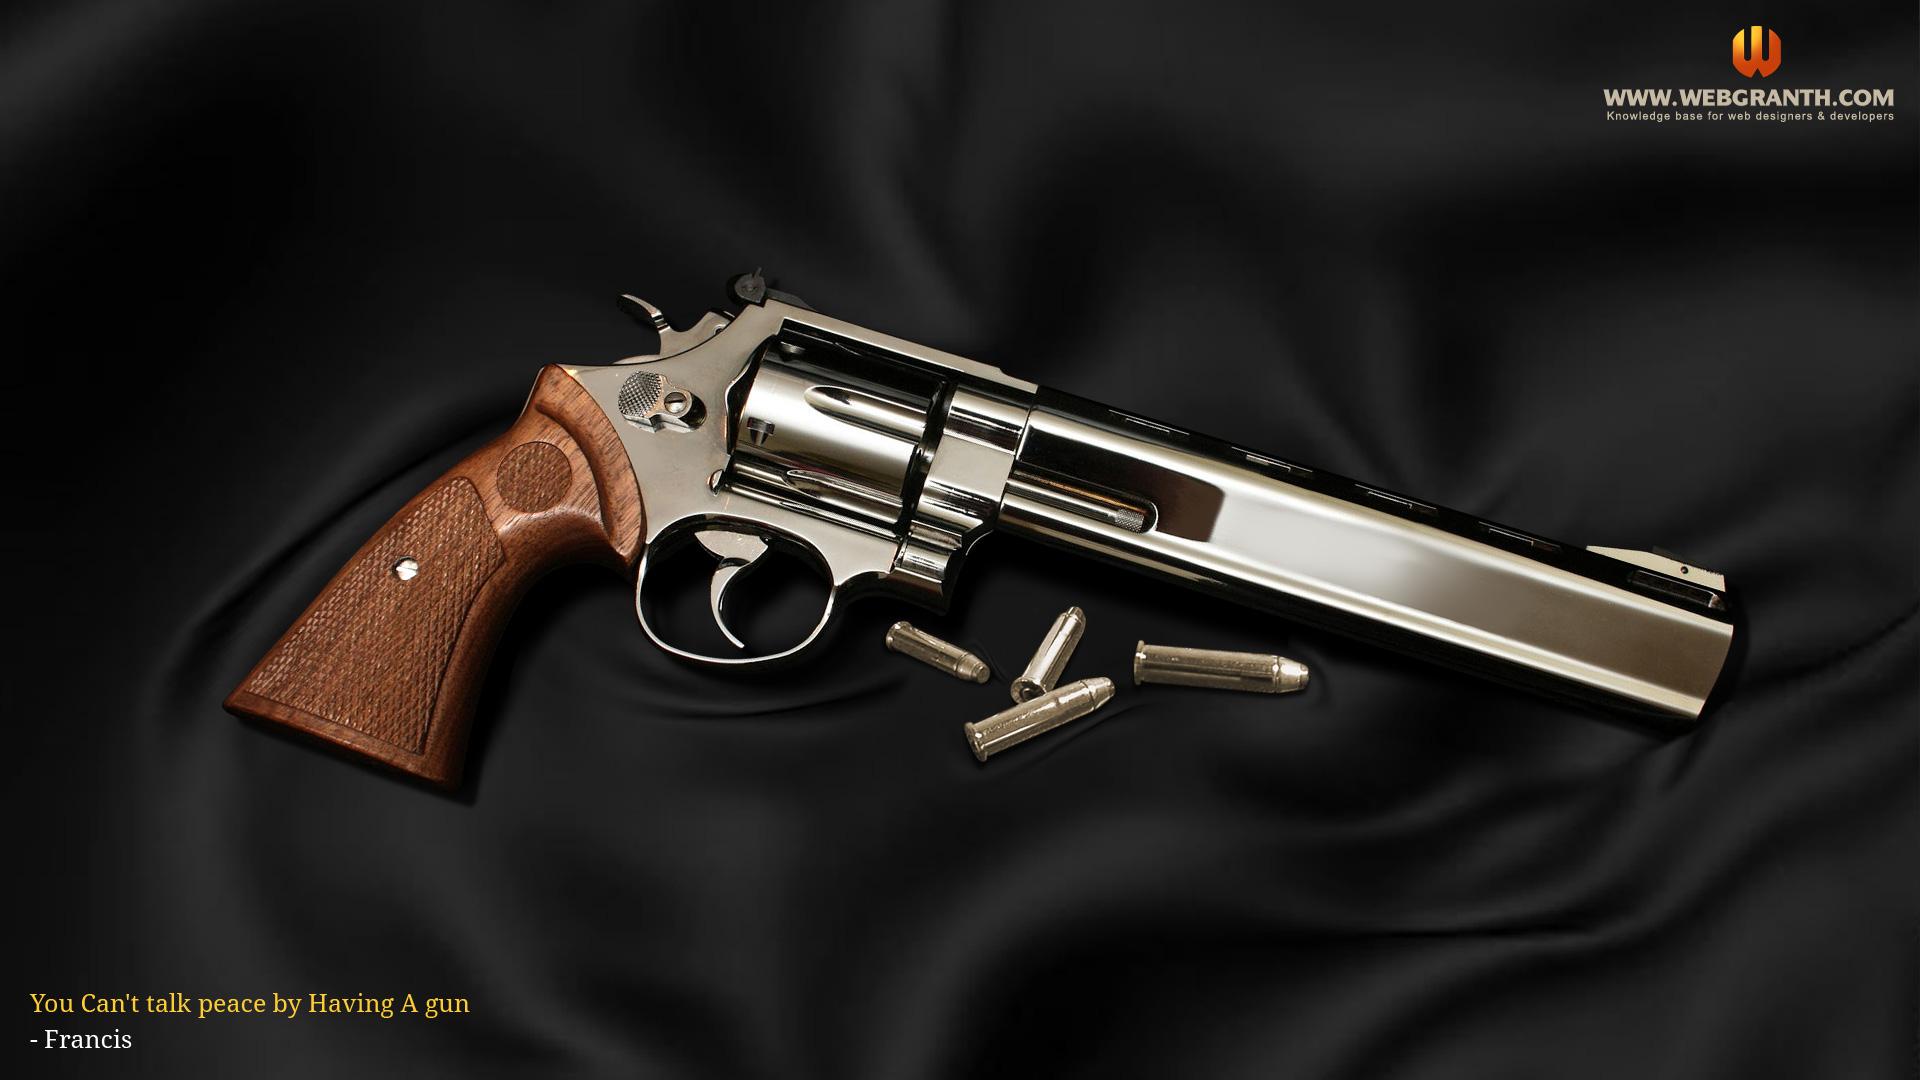 HD Guns Wallpaper: Download HD Guns & Weapons Wallpapers ...